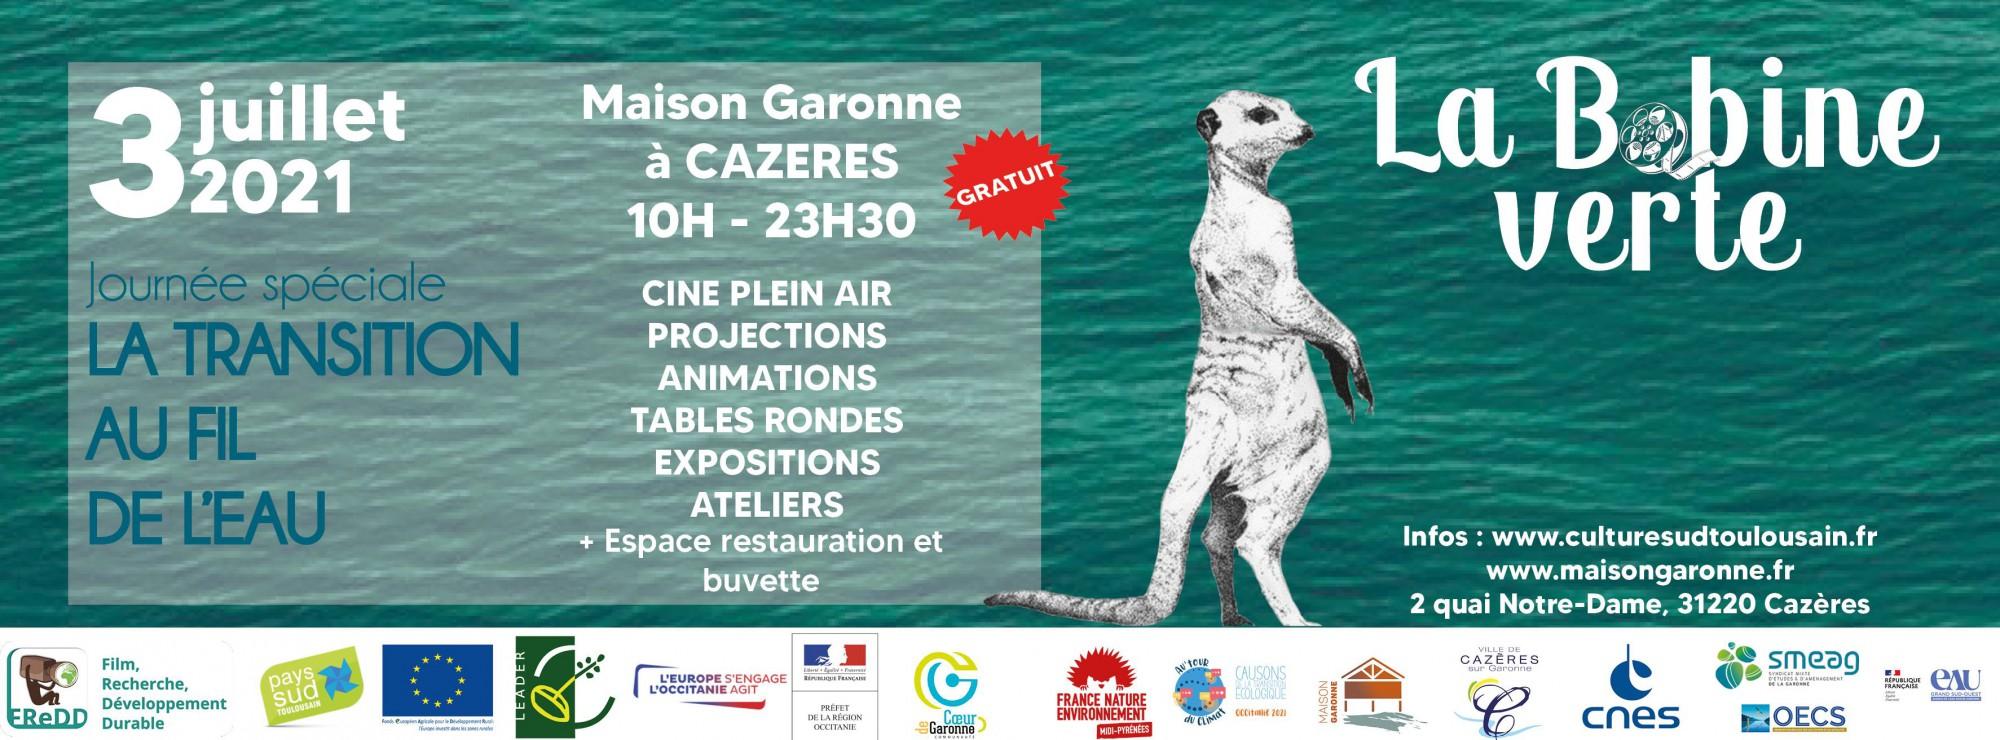 Journée Transition au fil de l'eau à la Maison Garonne